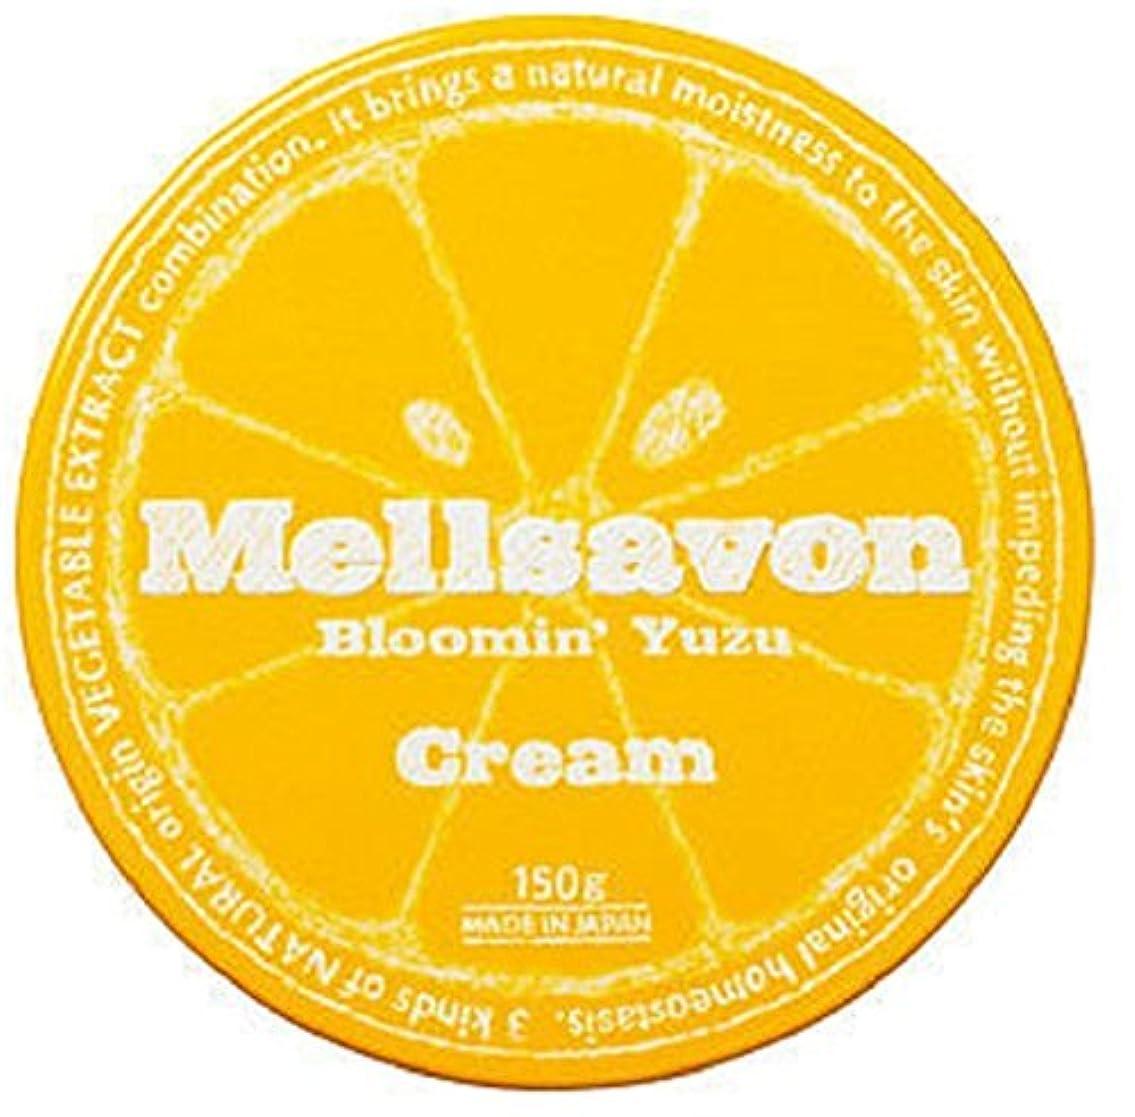 ガラガラインターネット実際の限定ユズの香り メルサボン スキンケアクリーム 大缶 150g ブルーミングユズ